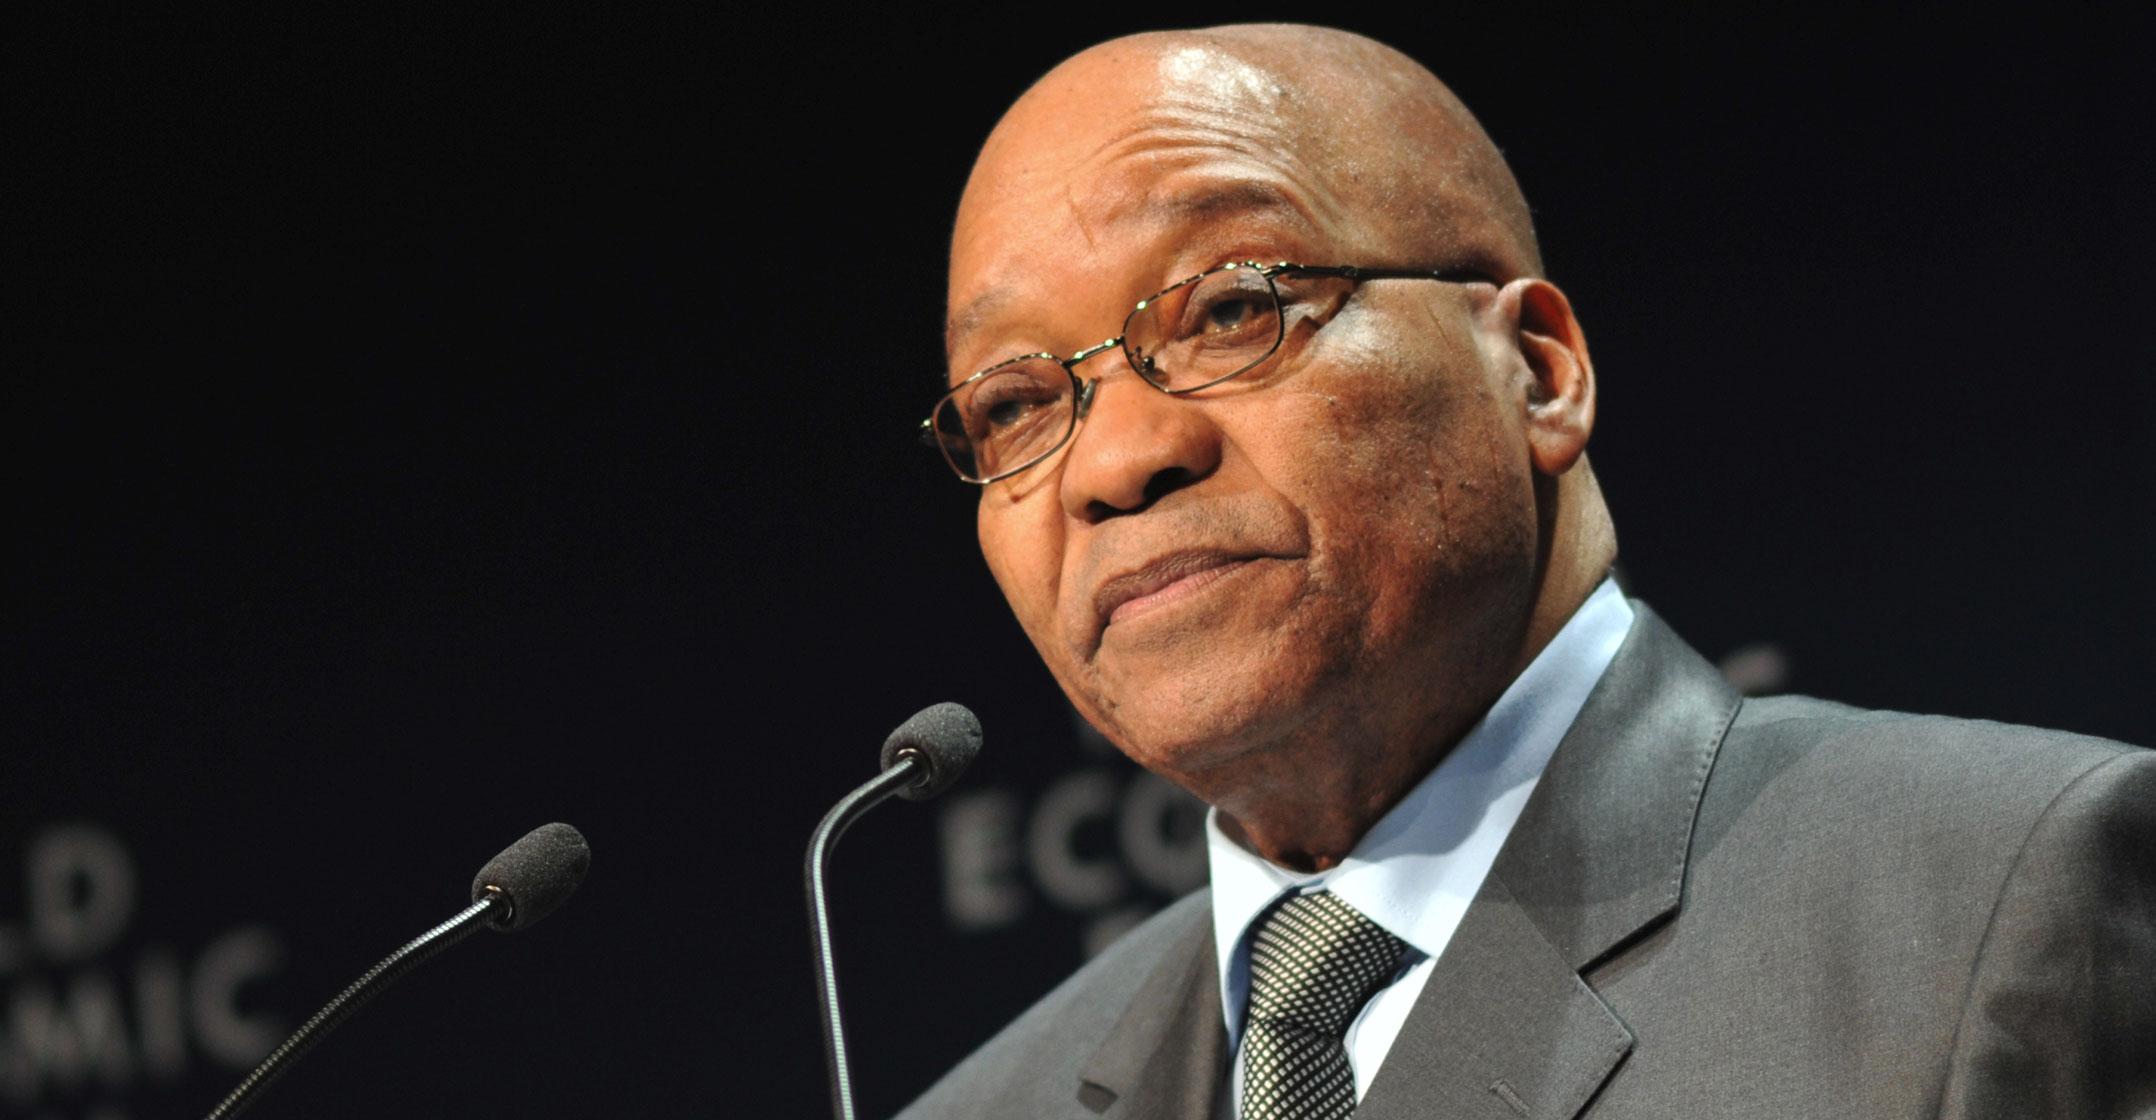 AFRIQUE DU SUD : Jacob Zuma juge